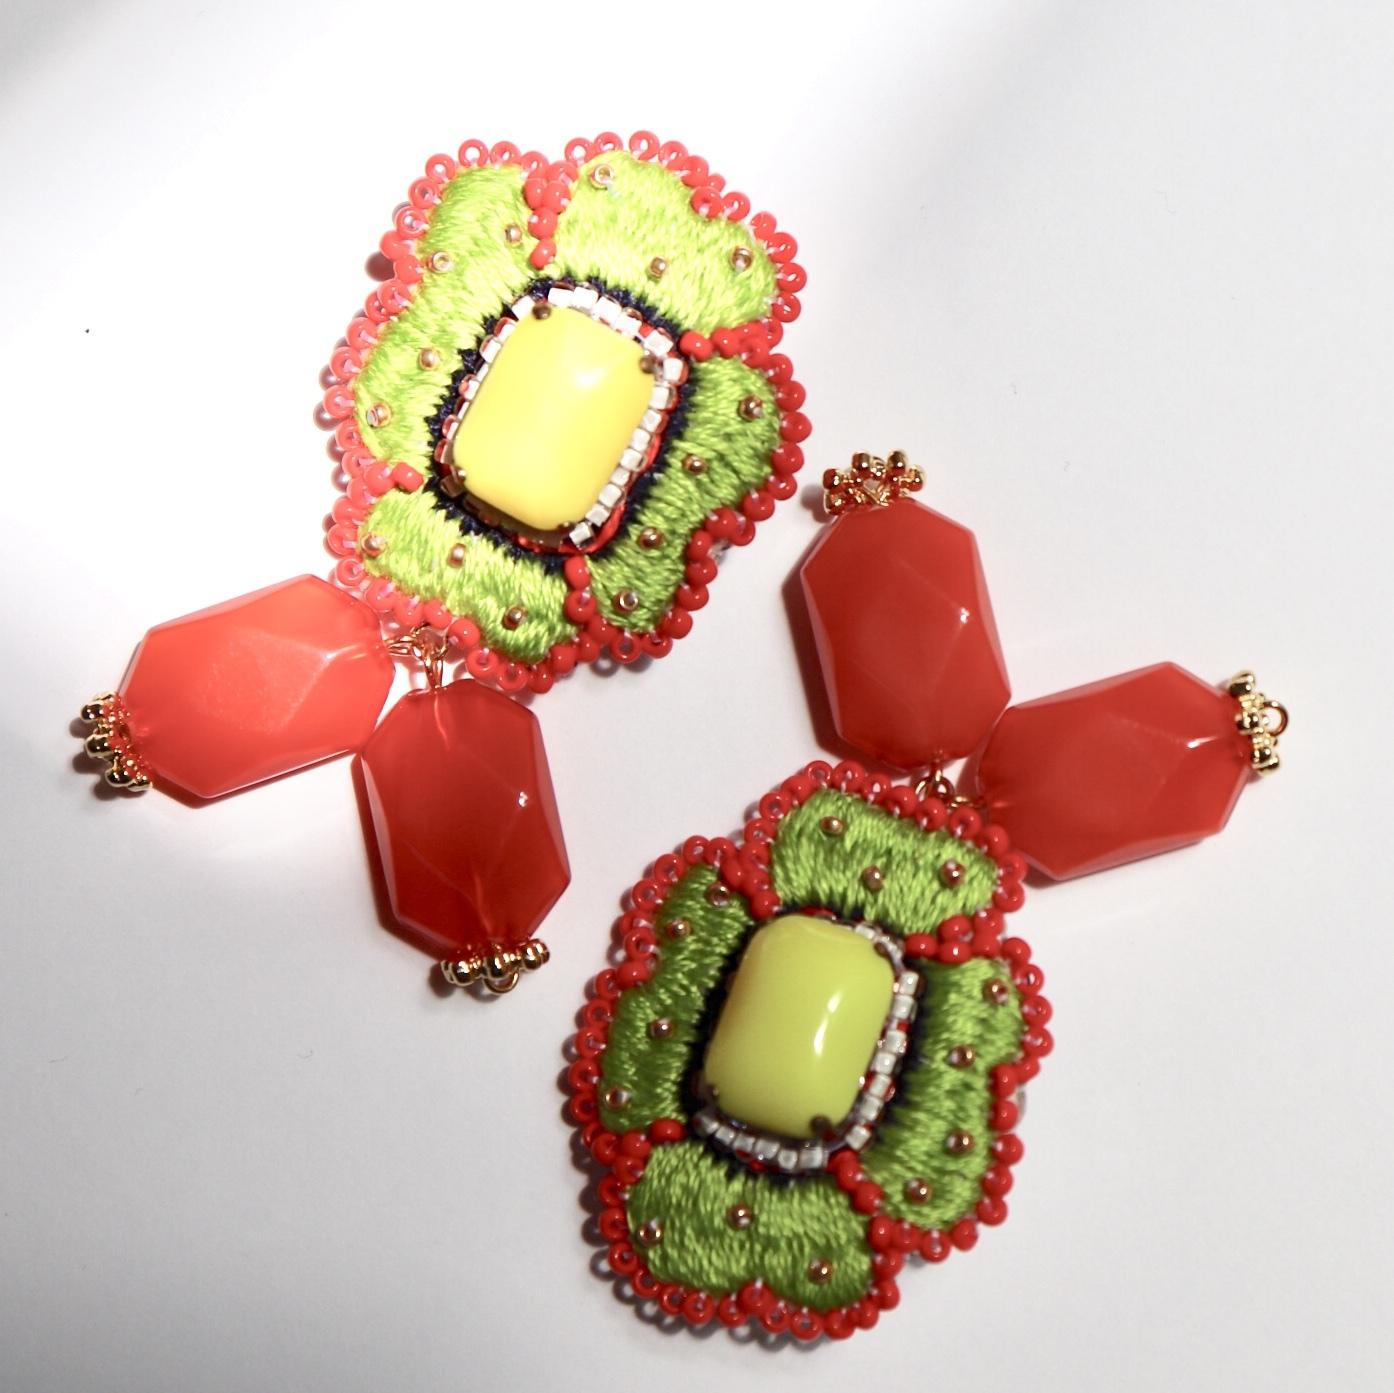 1点物フラワー刺繍ハンドメイドイヤリング/カボショングリーン